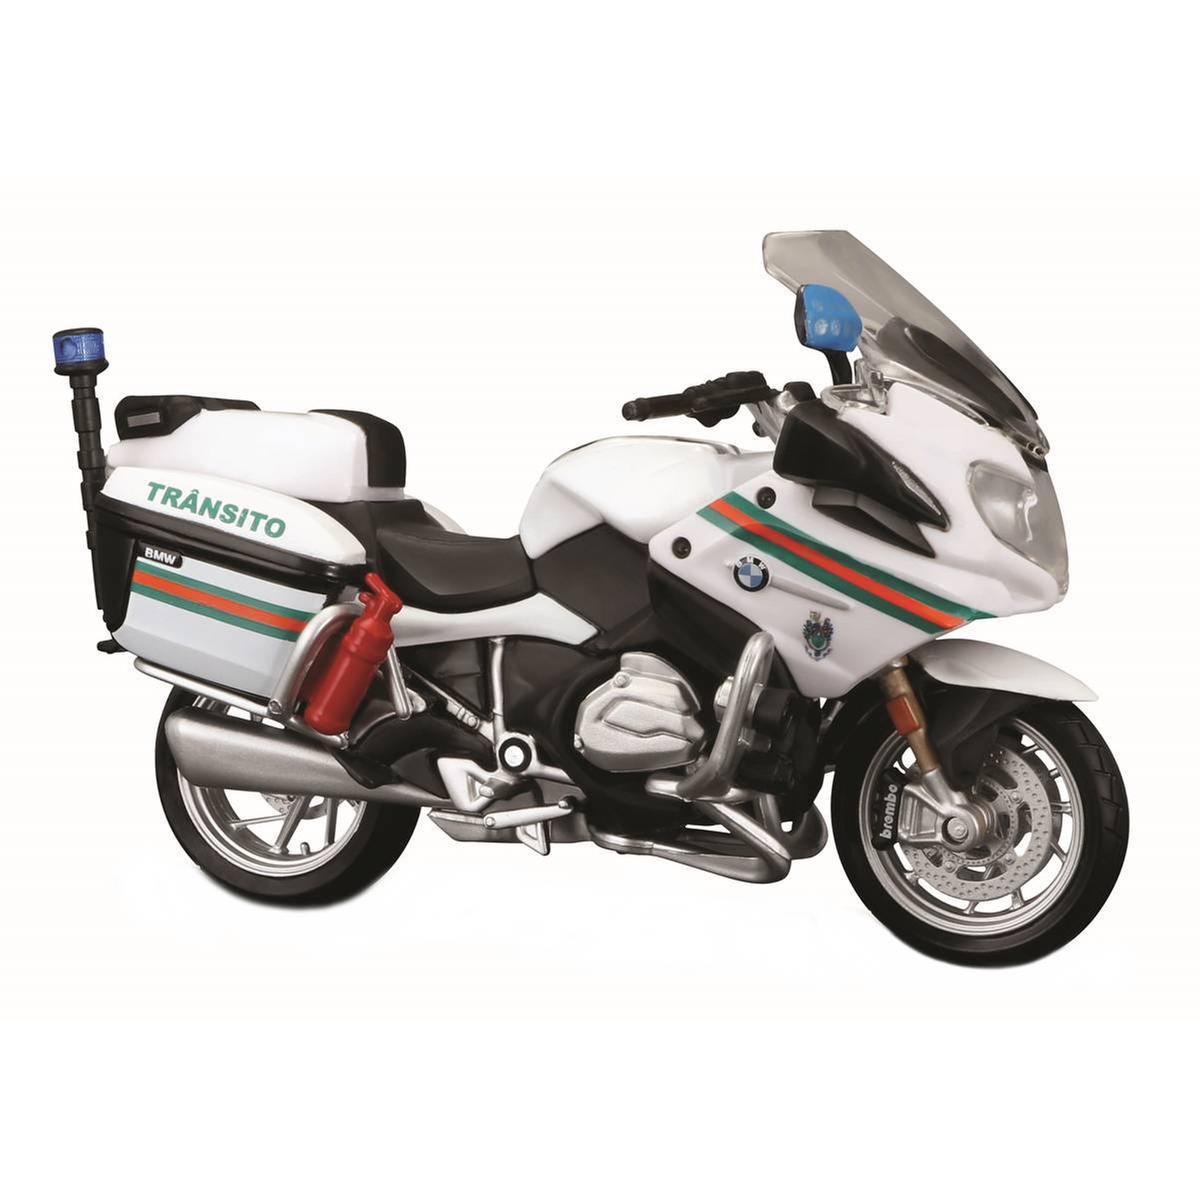 Mota Bmw R1200 Rt Gnr 1 18 Misc Veículos Loja De Brinquedos E Videojogos Online Toysrus